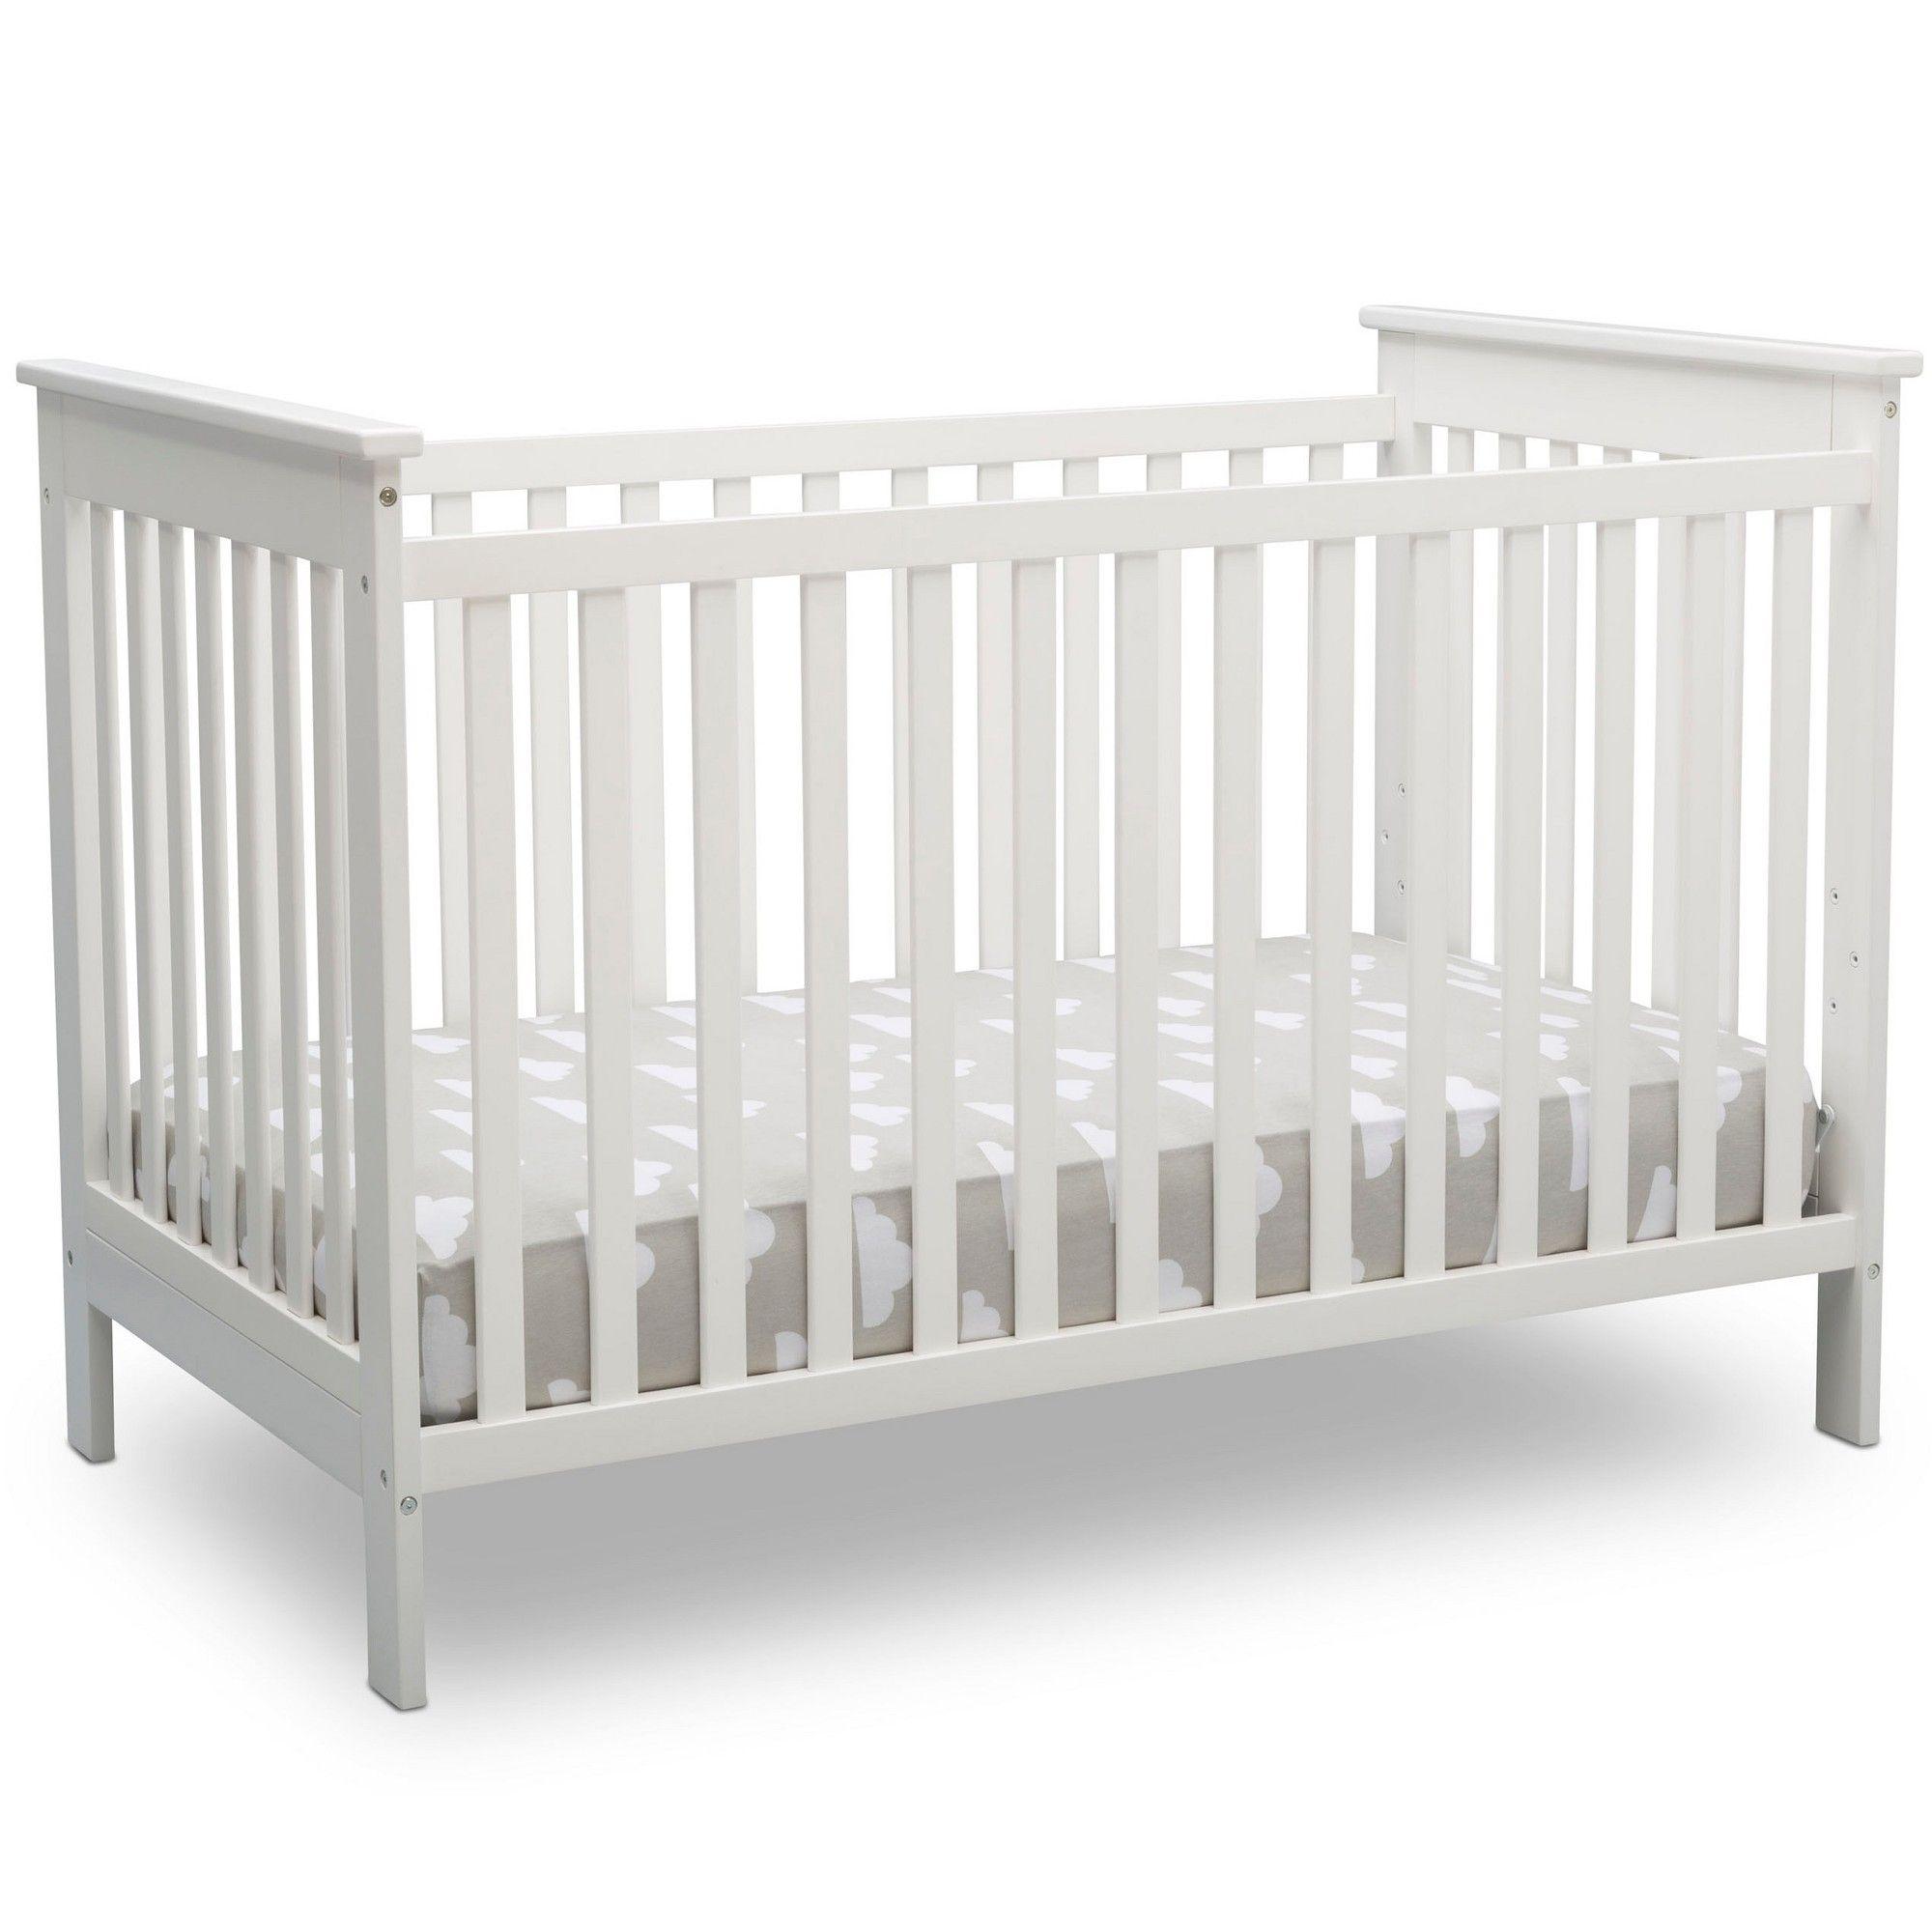 Delta Children Adley 3 In 1 Crib Bianca White Cribs Baby Cribs Convertible Delta Children